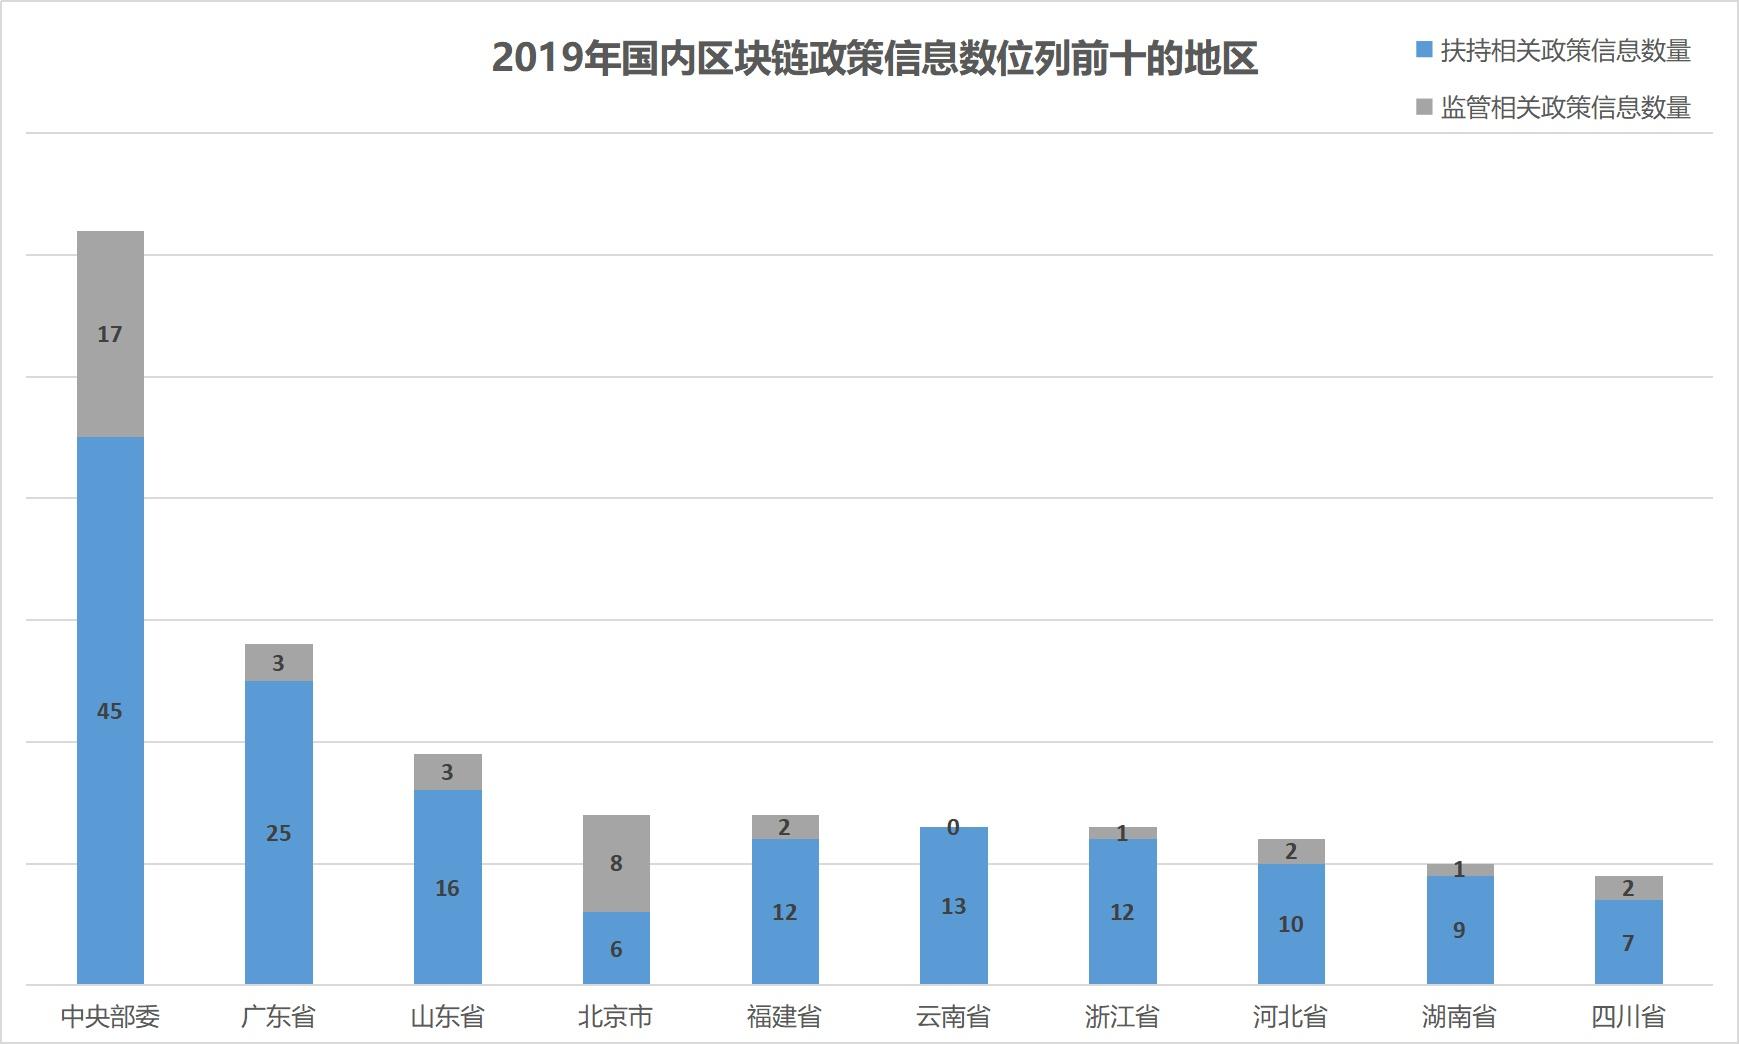 2019年全球区块链政策年报:中国重在扶持 美国多是监管插图14